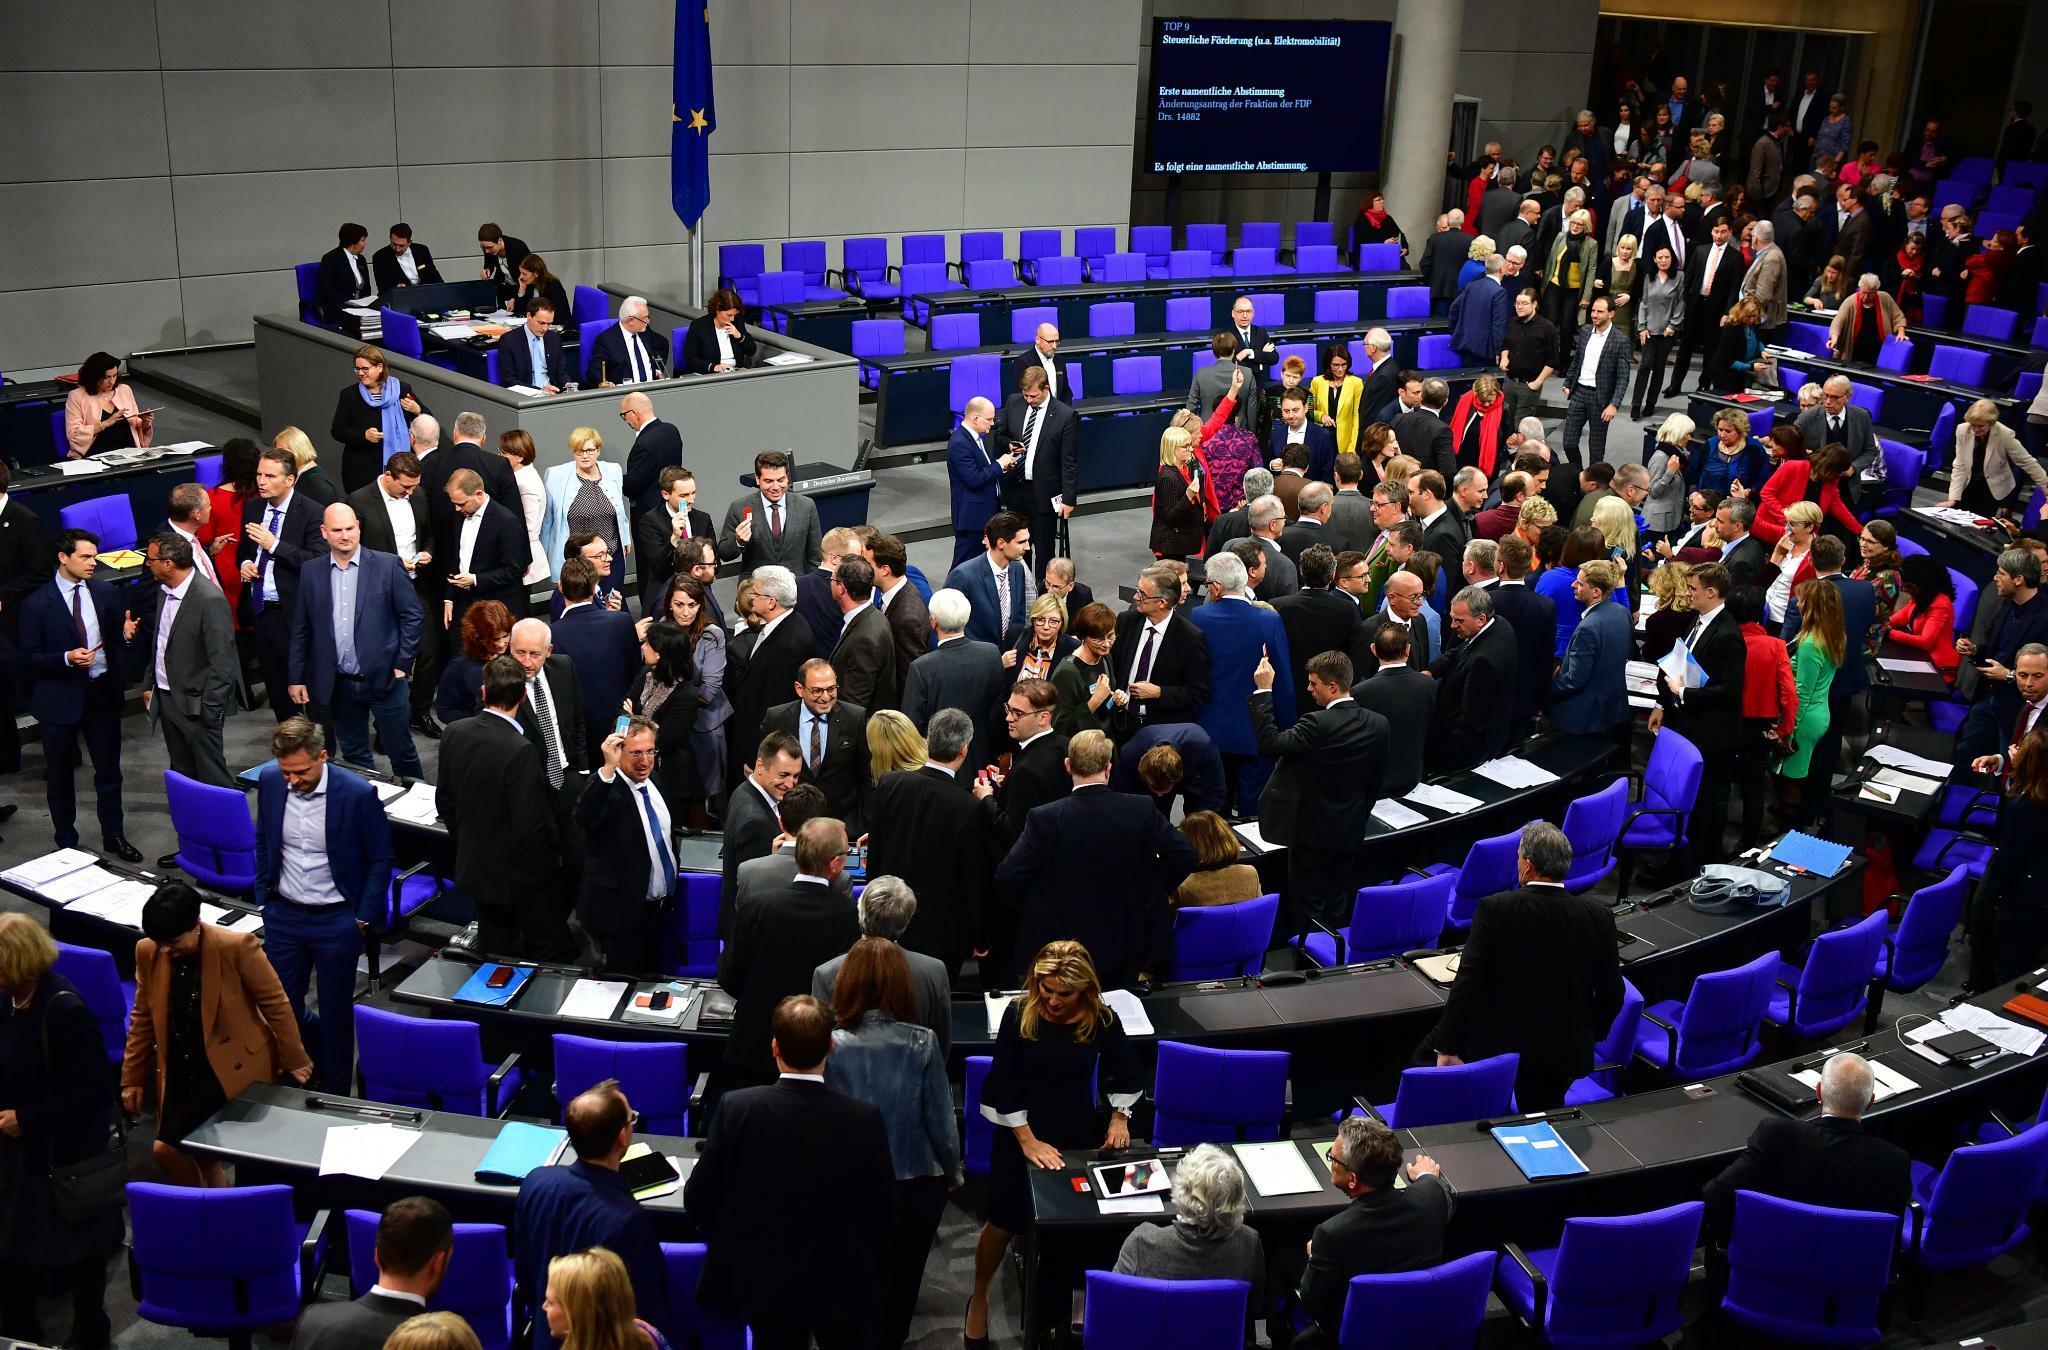 Bundestag: FDP-Fraktionsvize: Geheime Abstimmungen zu Sachfragen ermöglichen